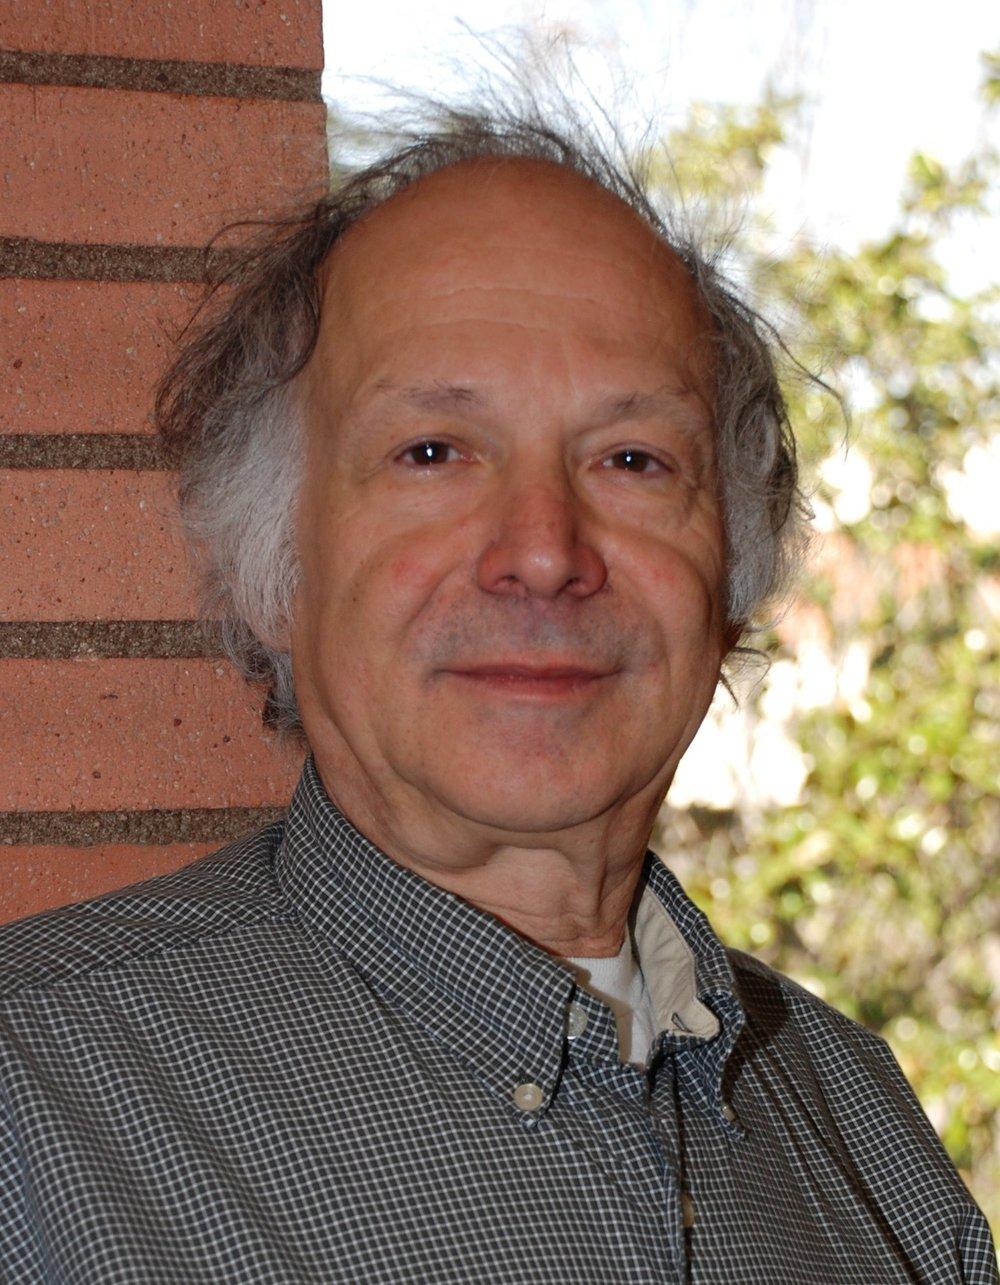 骆思典 Stanley Rosen - 美国南加州大学政治系教授,专攻中国政治和社会学。他在台湾和香港学习中文,并在过去的37年中到访中国大陆五十多次。他的课程从中国政治和中国电影到亚洲政治变革,东亚社会,比较政治及政治和电影比较。他是八本书及许多文章的作者及编辑。他撰写了文革,中国法律制度,舆论,青年,性别,人权,中美关系,电影和媒体等话题。其他正在进行的项目包括研究中国青年不断变化的态度和行为以及好莱坞电影在中国和中国电影在国际市场,特别是美国的前景。他是北京师范大学中国文化与国际交流研究所的附属研究学者,上海大学媒体研究中心国际顾问委员,中山大学人文研究中心(台湾)。他曾为美国新闻局,洛杉矶公设辩护处和一些私人公司,律师事务所及美国政府机构担任顾问。